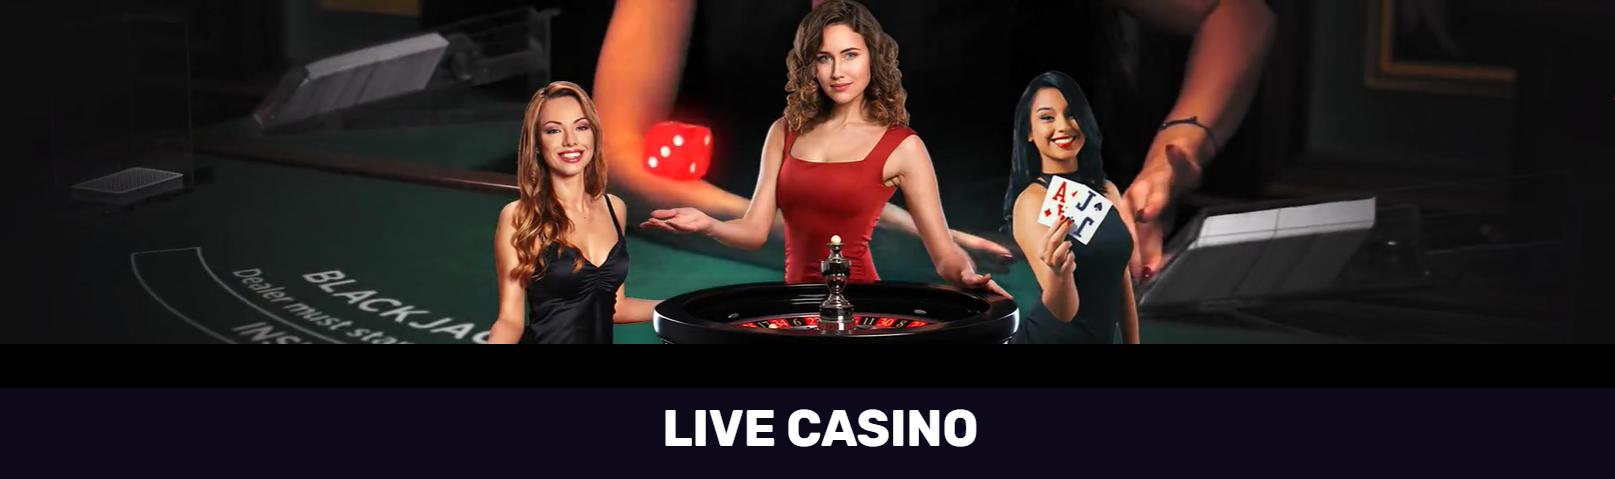 Casino sport betting Playamo 459961